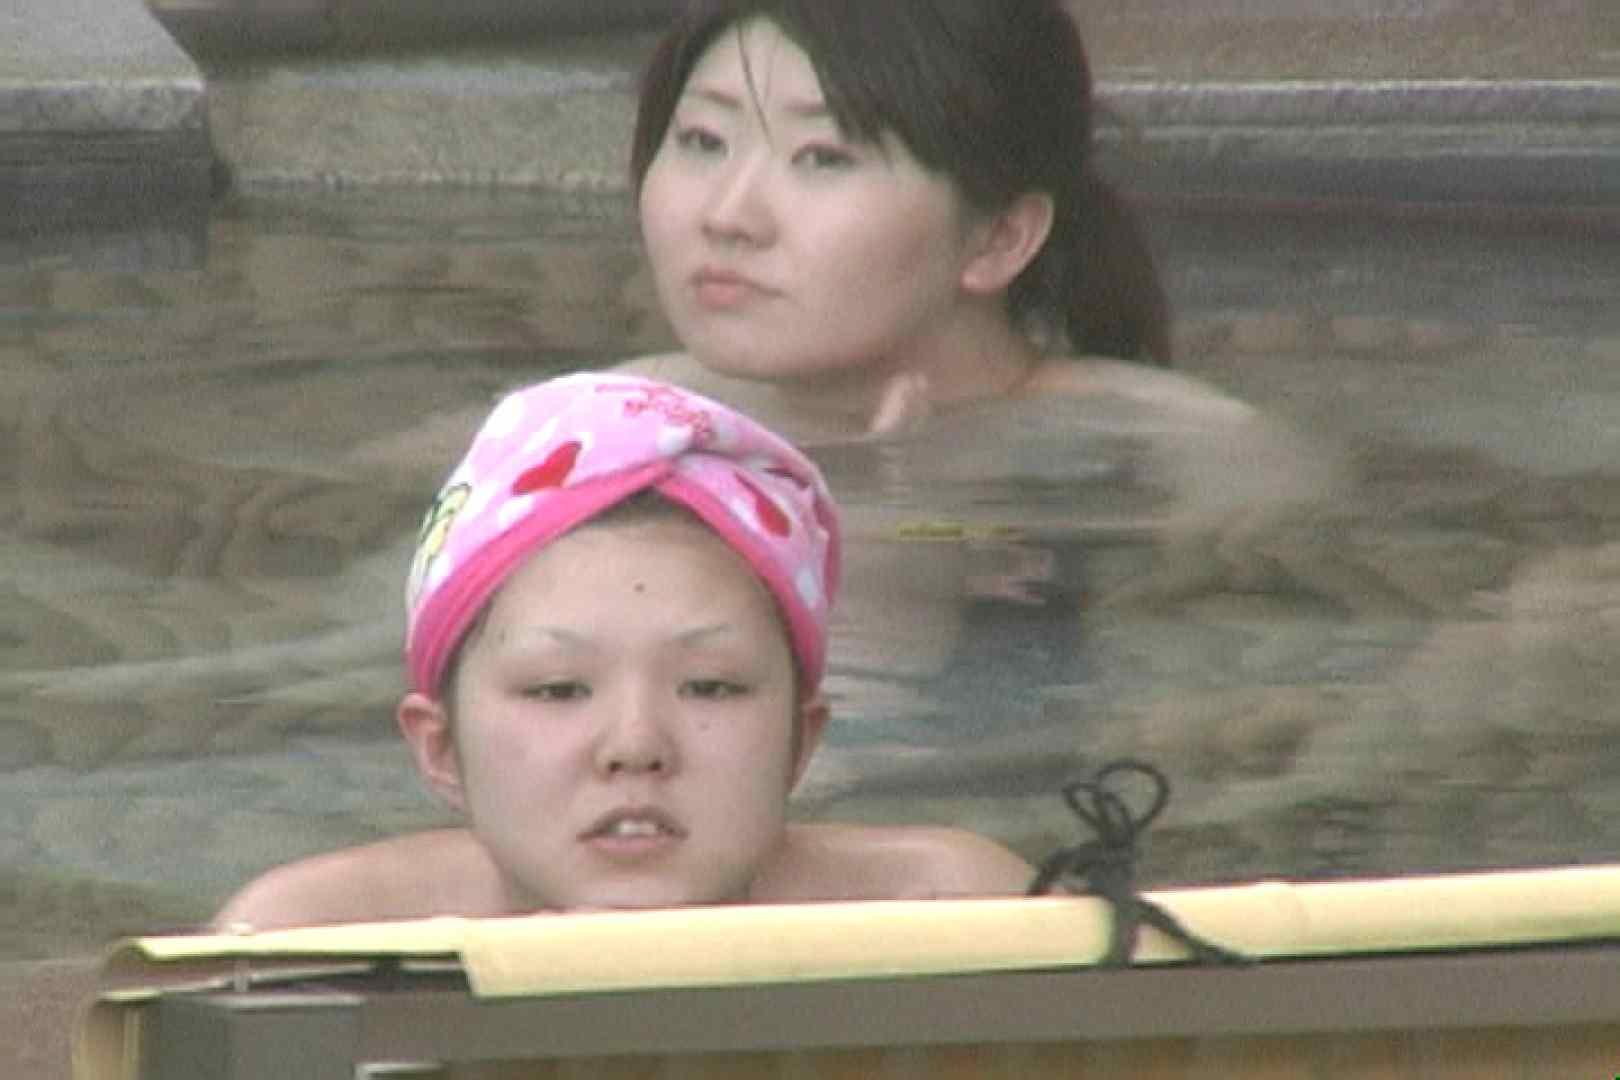 Aquaな露天風呂Vol.25 露天   盗撮特集  106画像 68